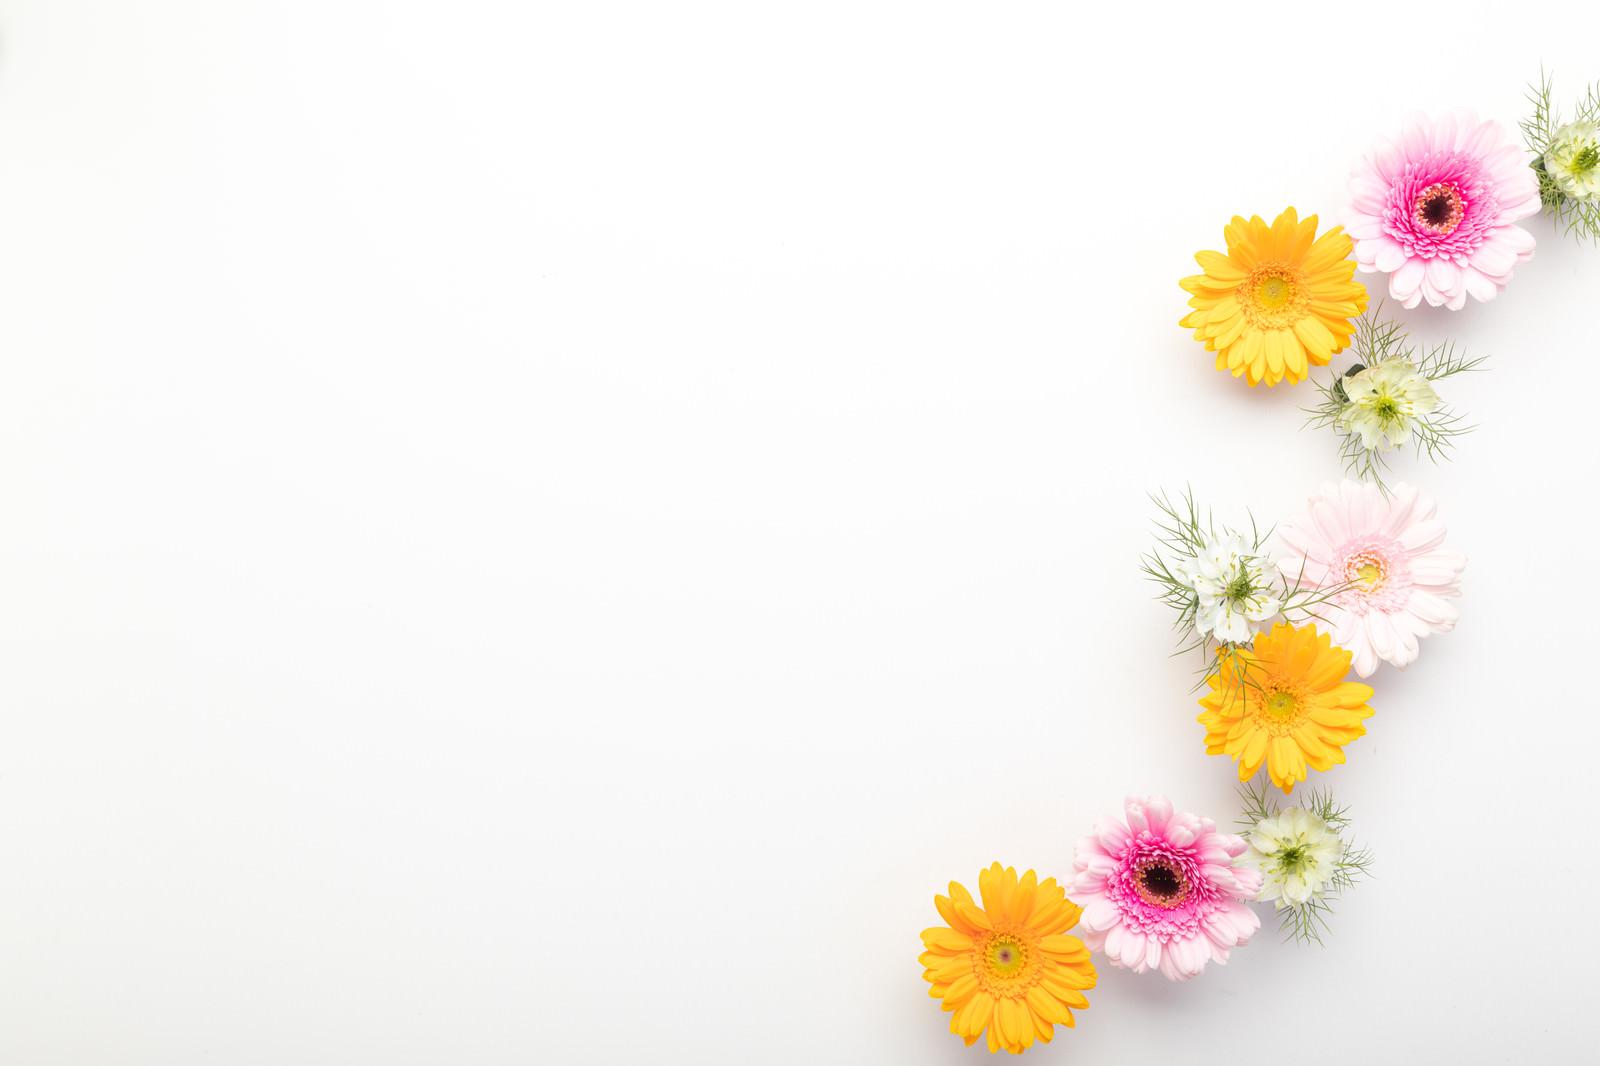 「文字を入れやすいホワイトボードと生花」の写真